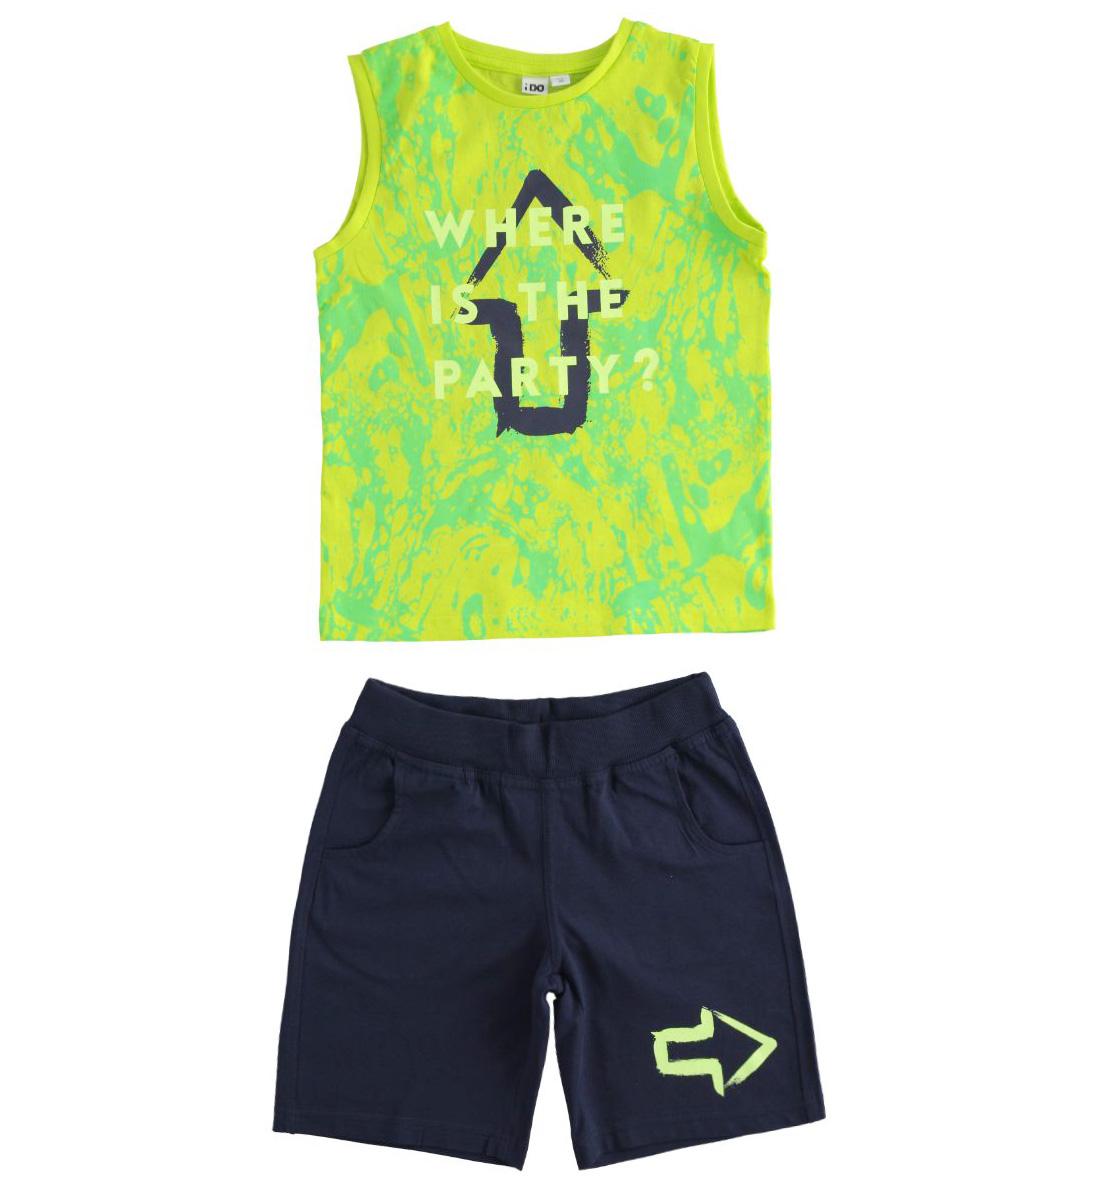 Kifejezés eltávolítása: Neonzöld pamut trikós szett fiúknak Neonzöld pamut trikós szett fiúknak